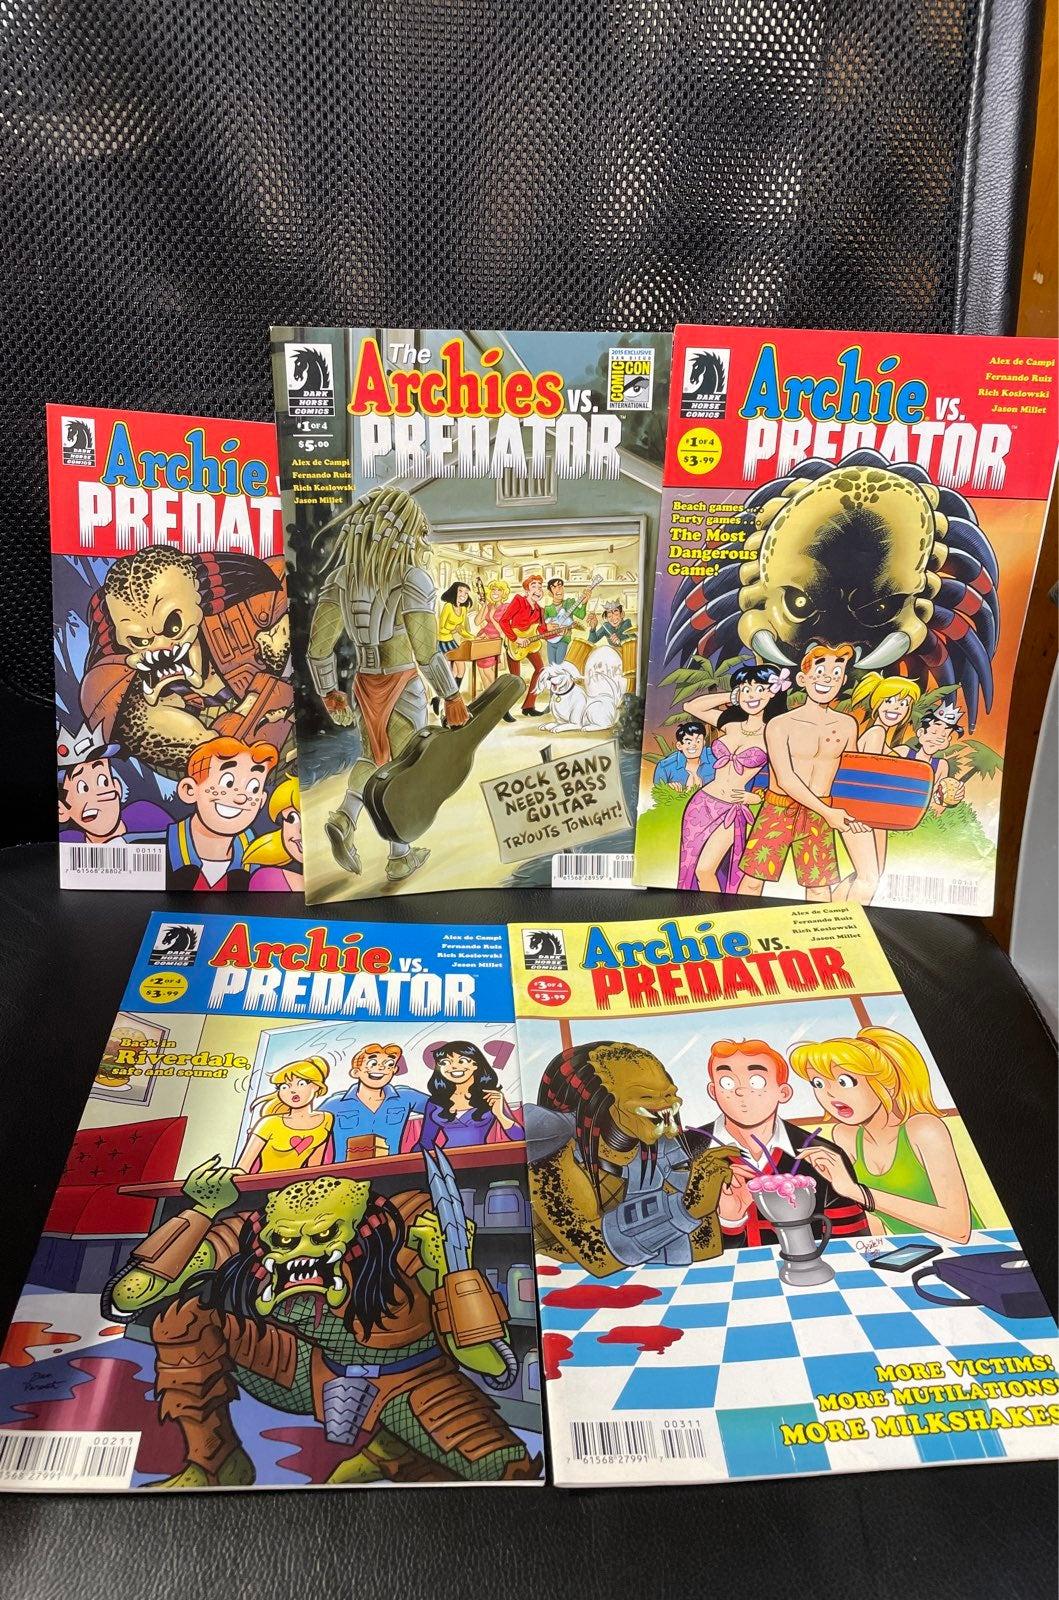 Archie v Predator 1 2 3 Ashcan SDCC lot